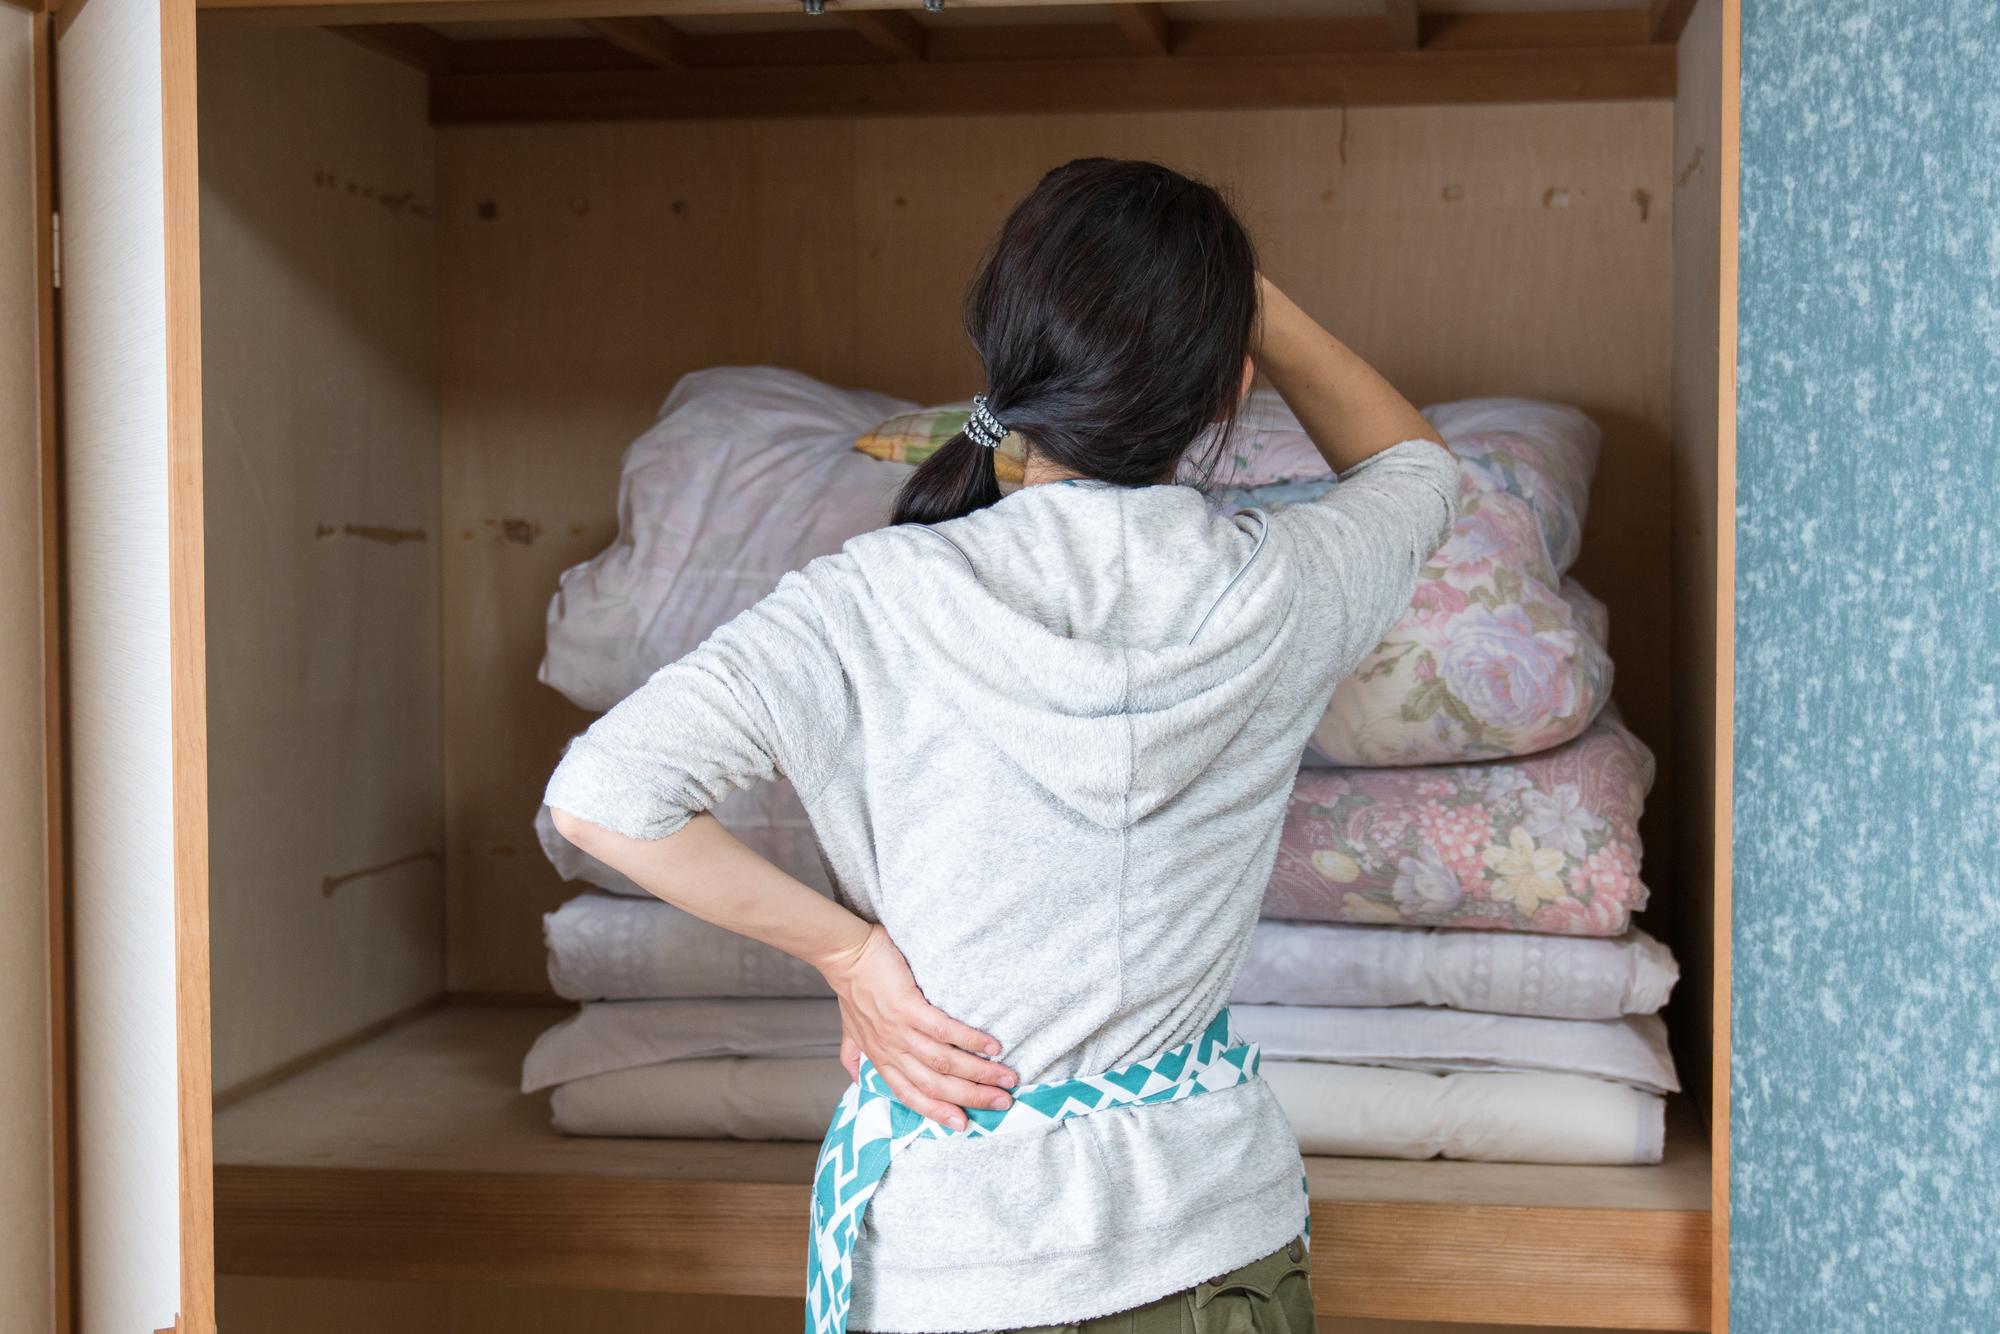 冬の布団はいつ片付ける?寝具入れ替えのタイミングとポイント